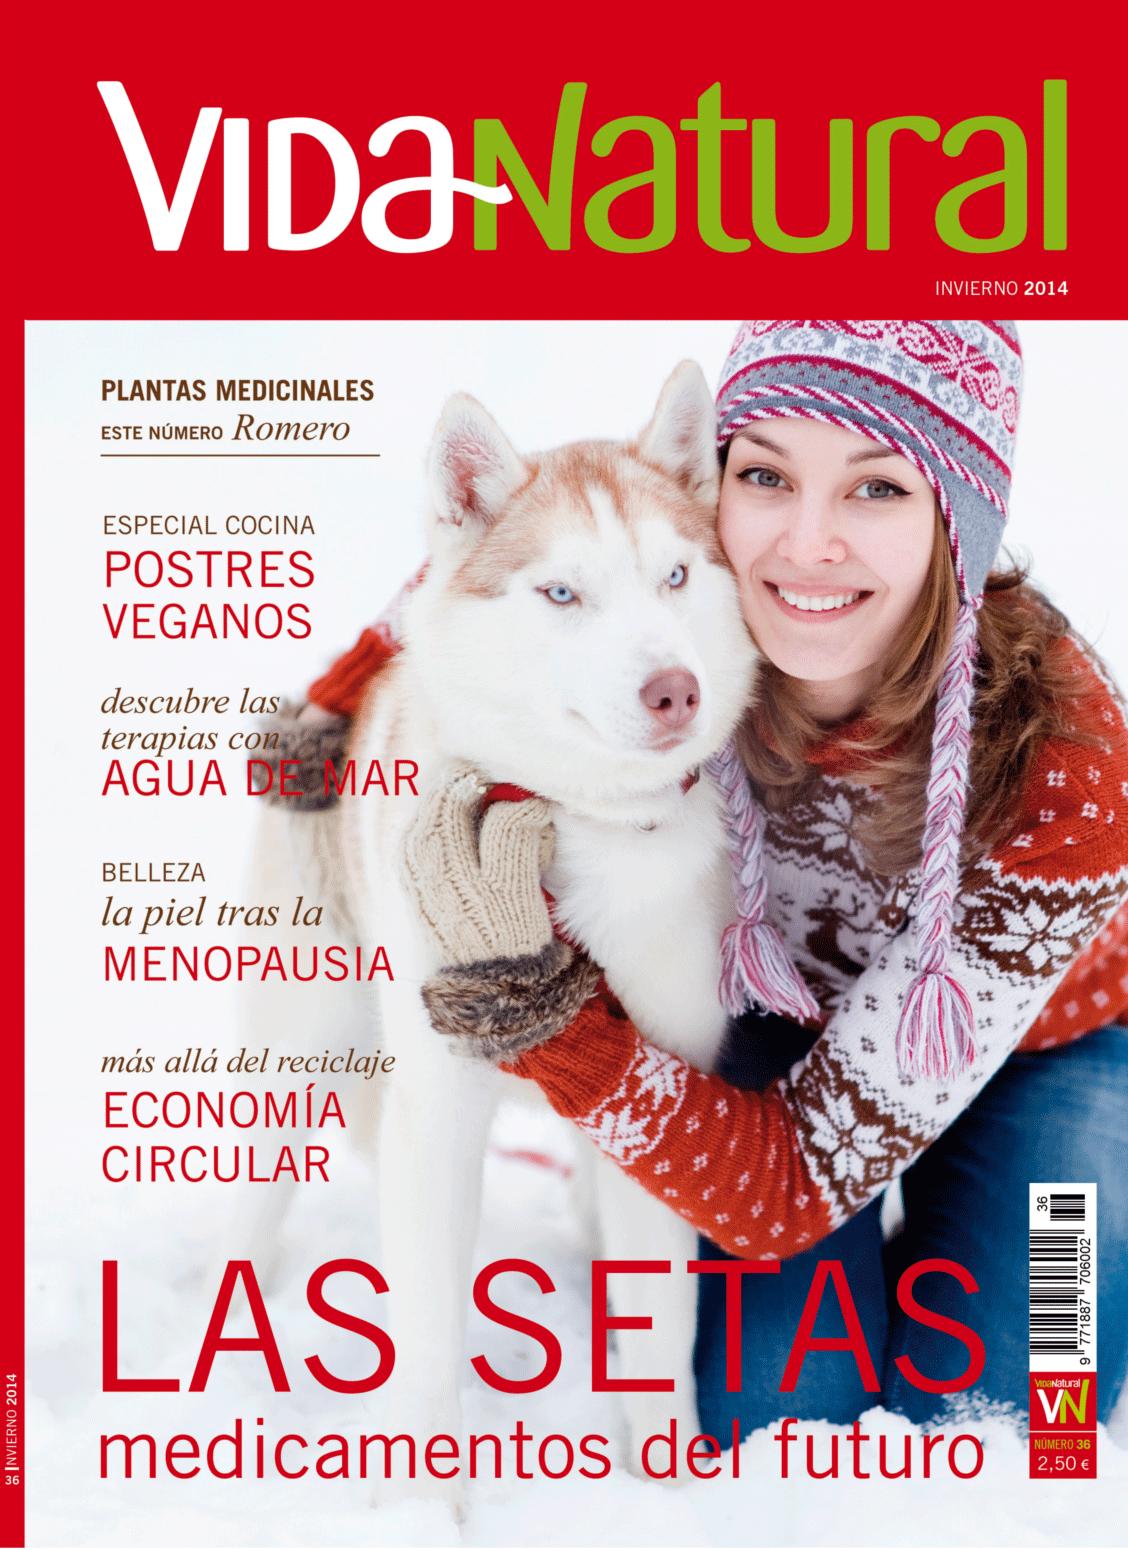 Revista Vida Natural nº 36